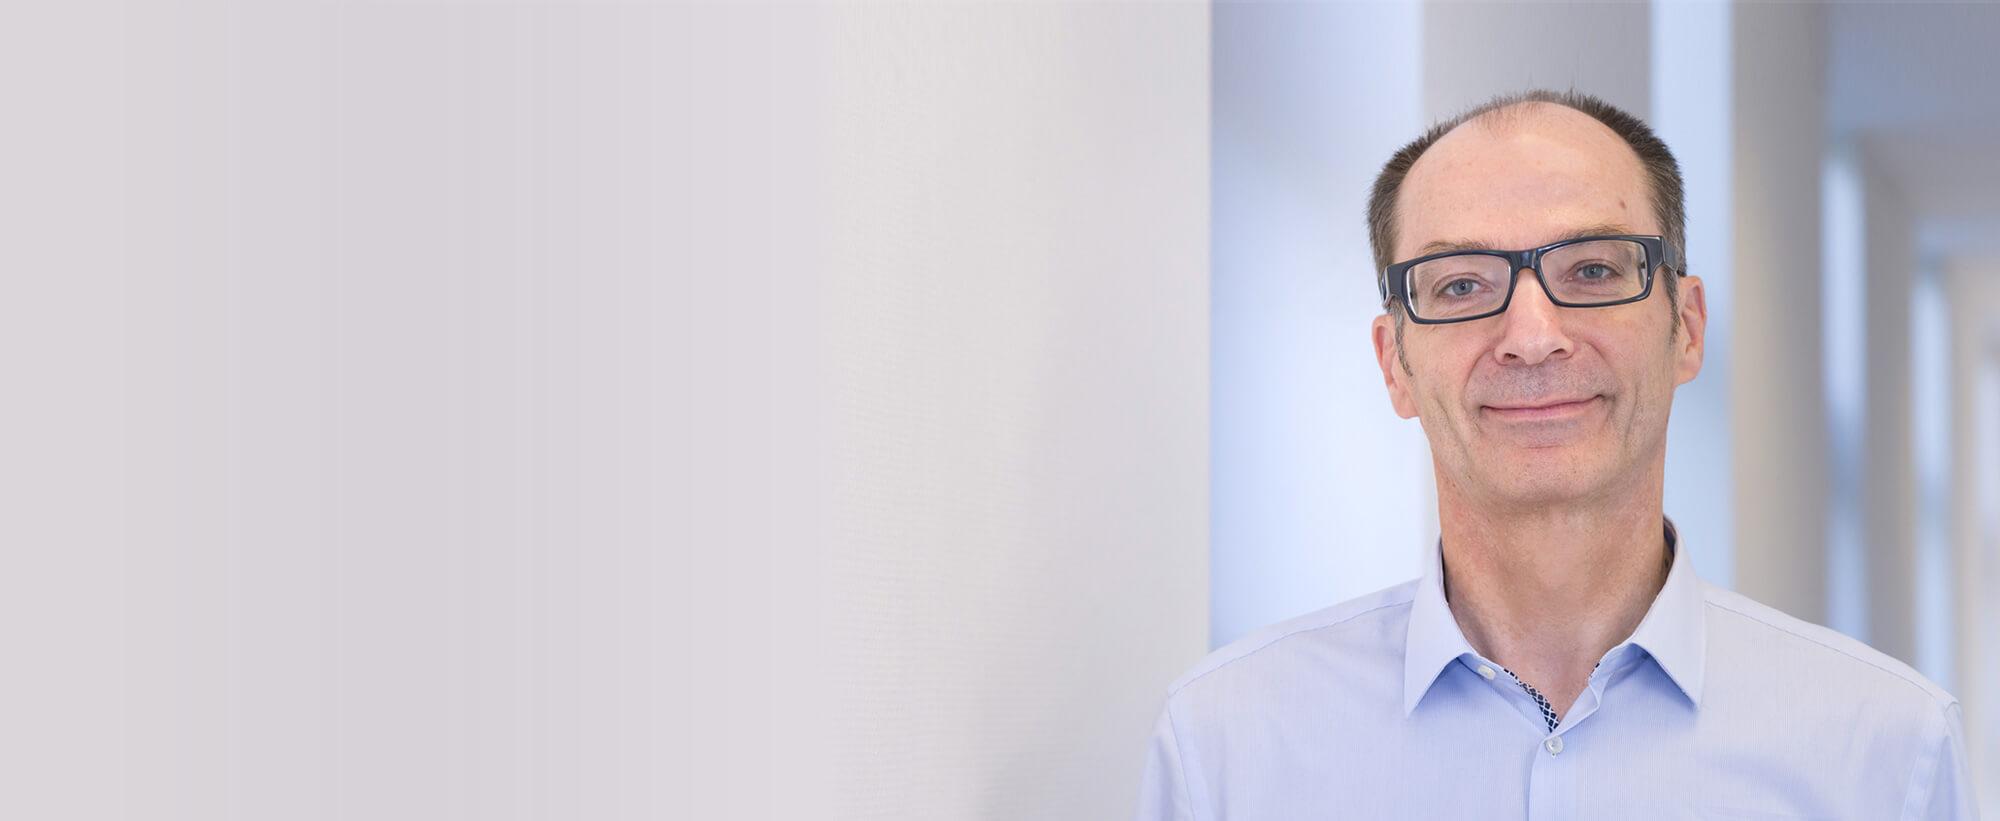 Martin Kosub, technischer Leiter der Stadtwerke Wesseling GmbH